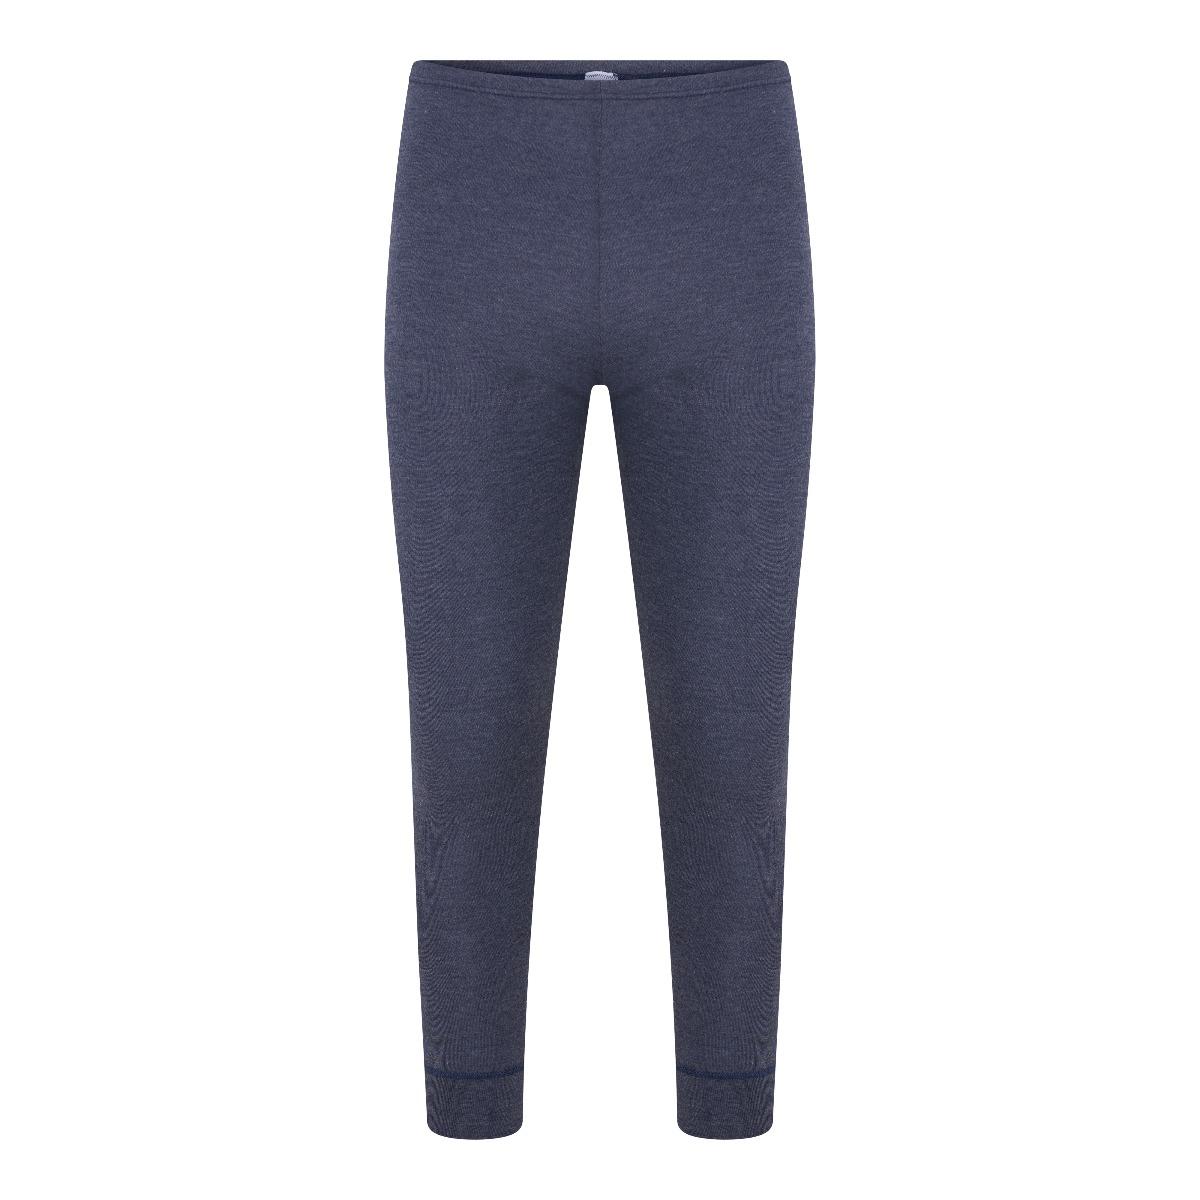 Beeren Thermo Unisex Pantalon Marine L